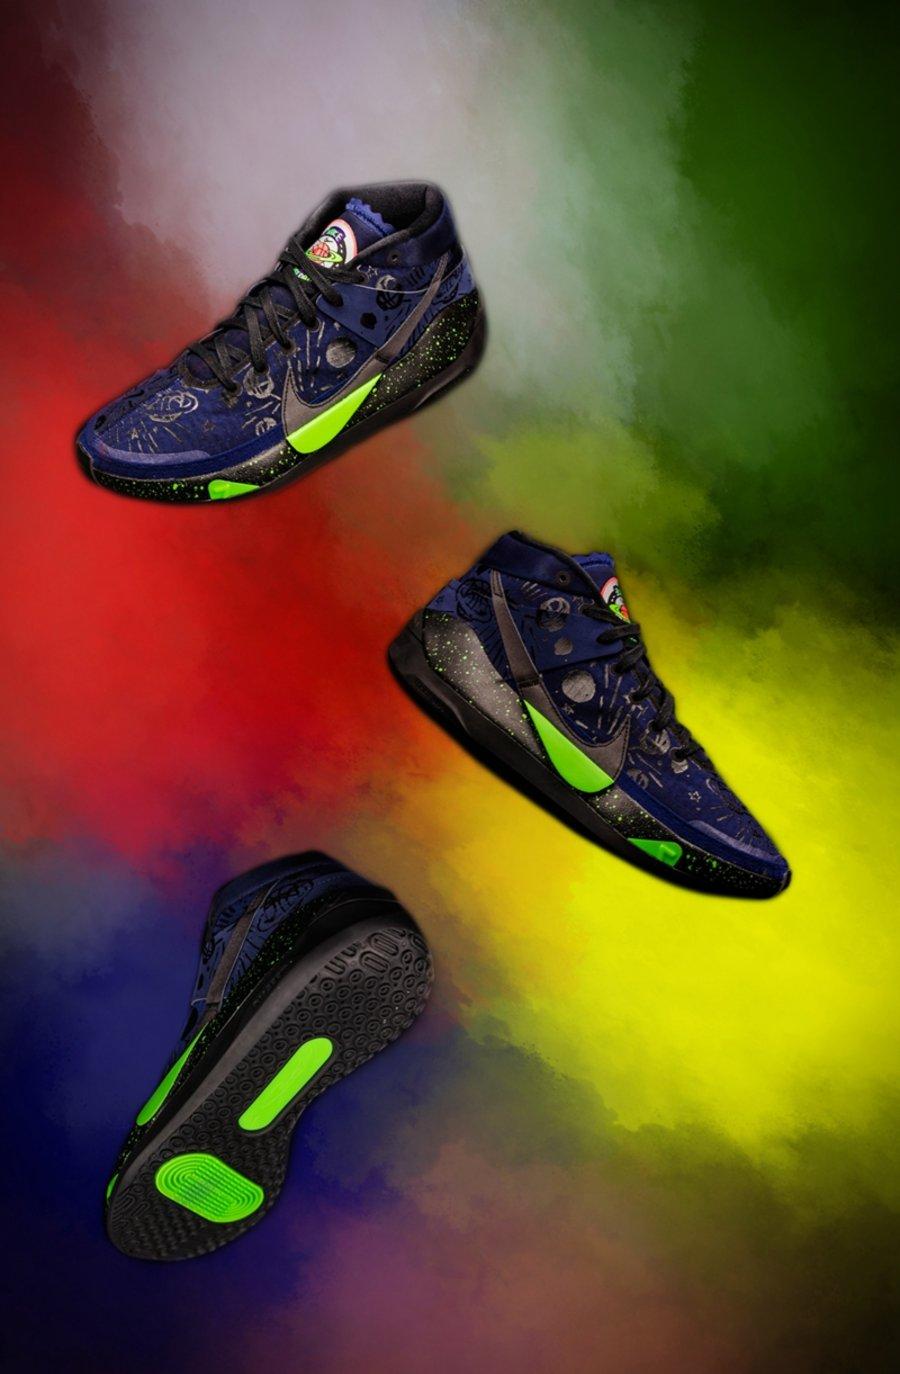 Nike,篮球之星,KD13,Kyrie 6  耐克「国内独占」抢先开箱!夜光、涂鸦超酷炫,老外边看边酸